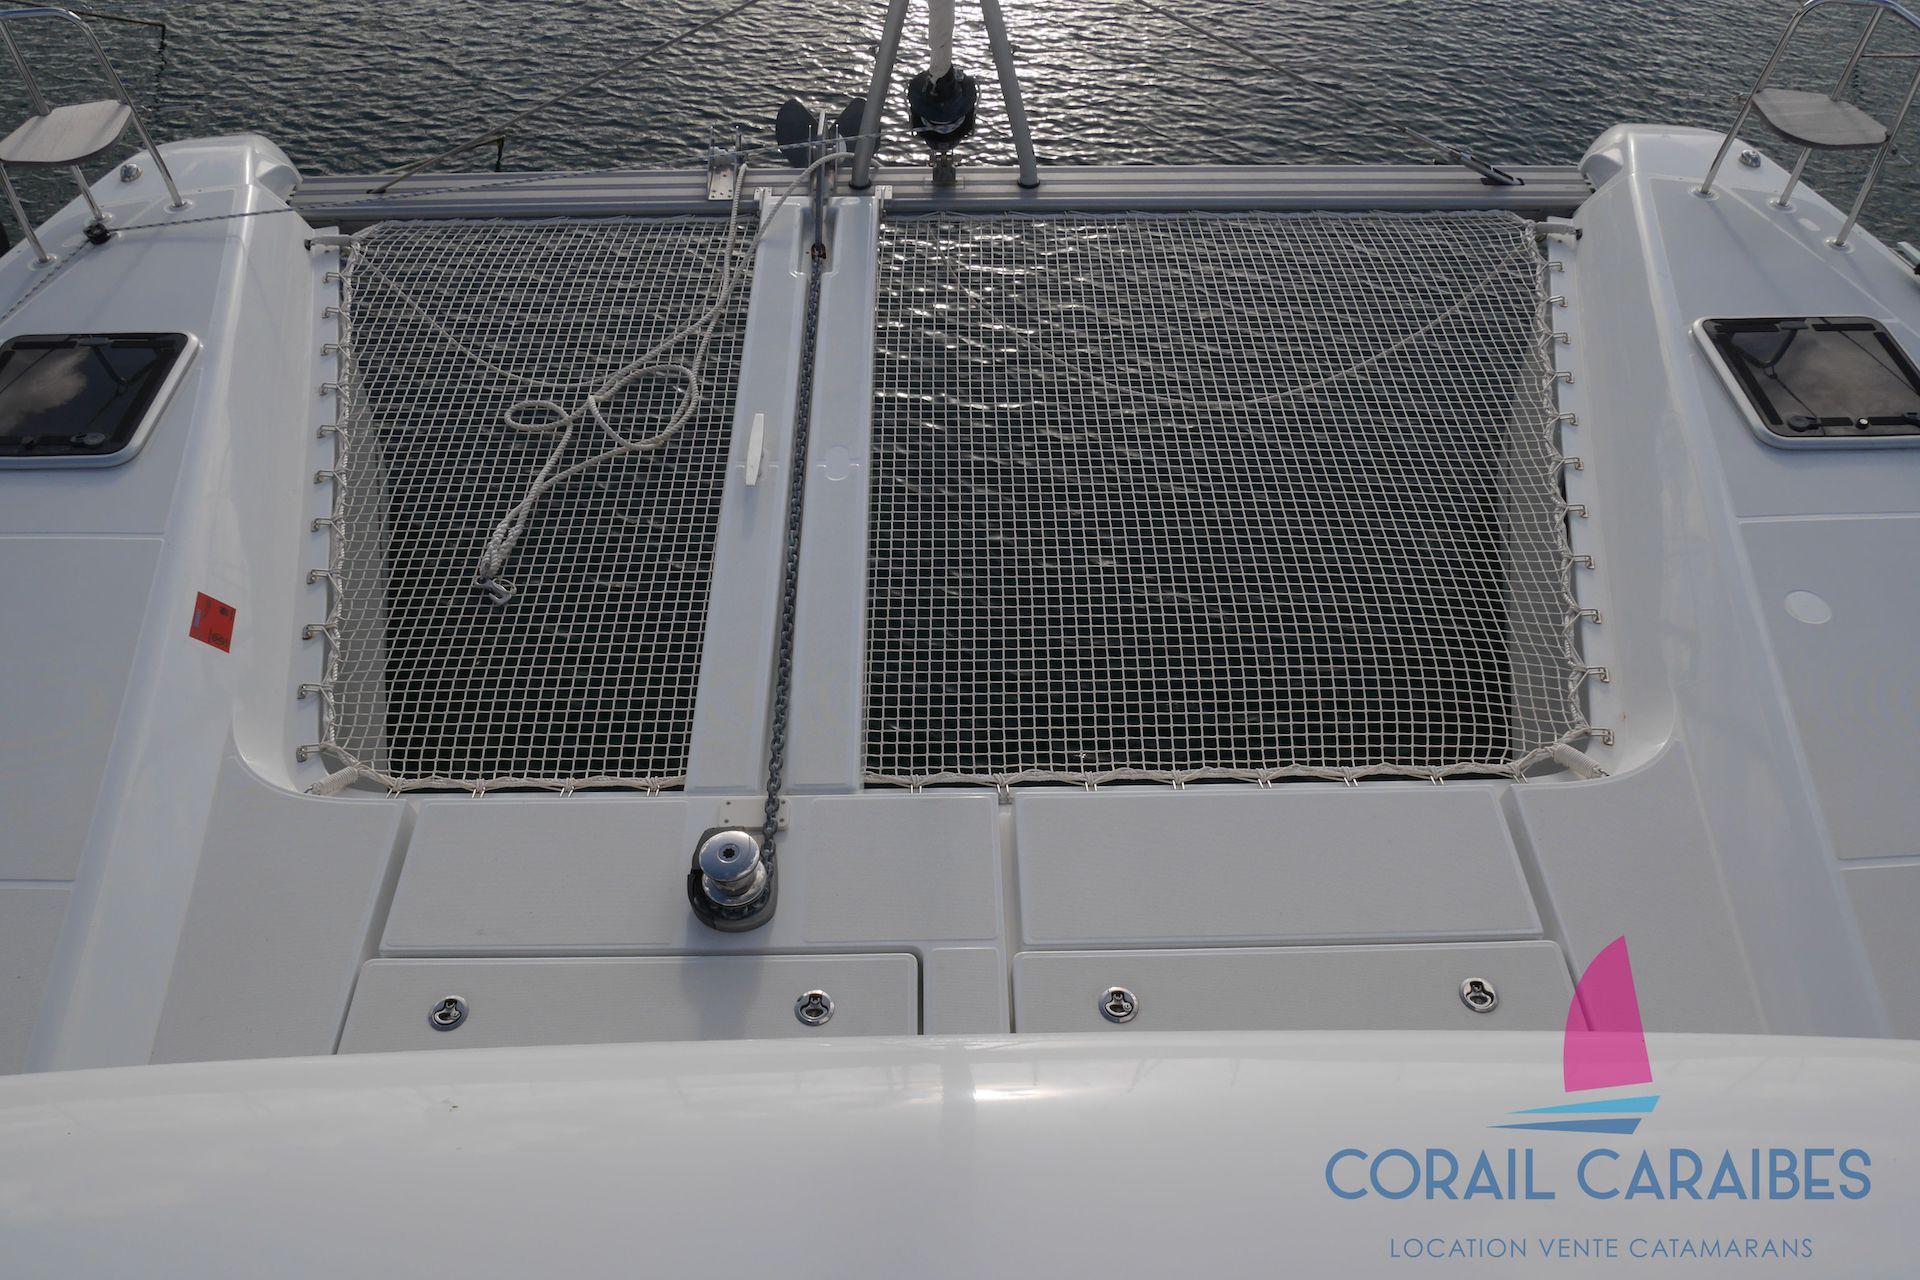 Lagoon-42-Corail-Caraibes-1